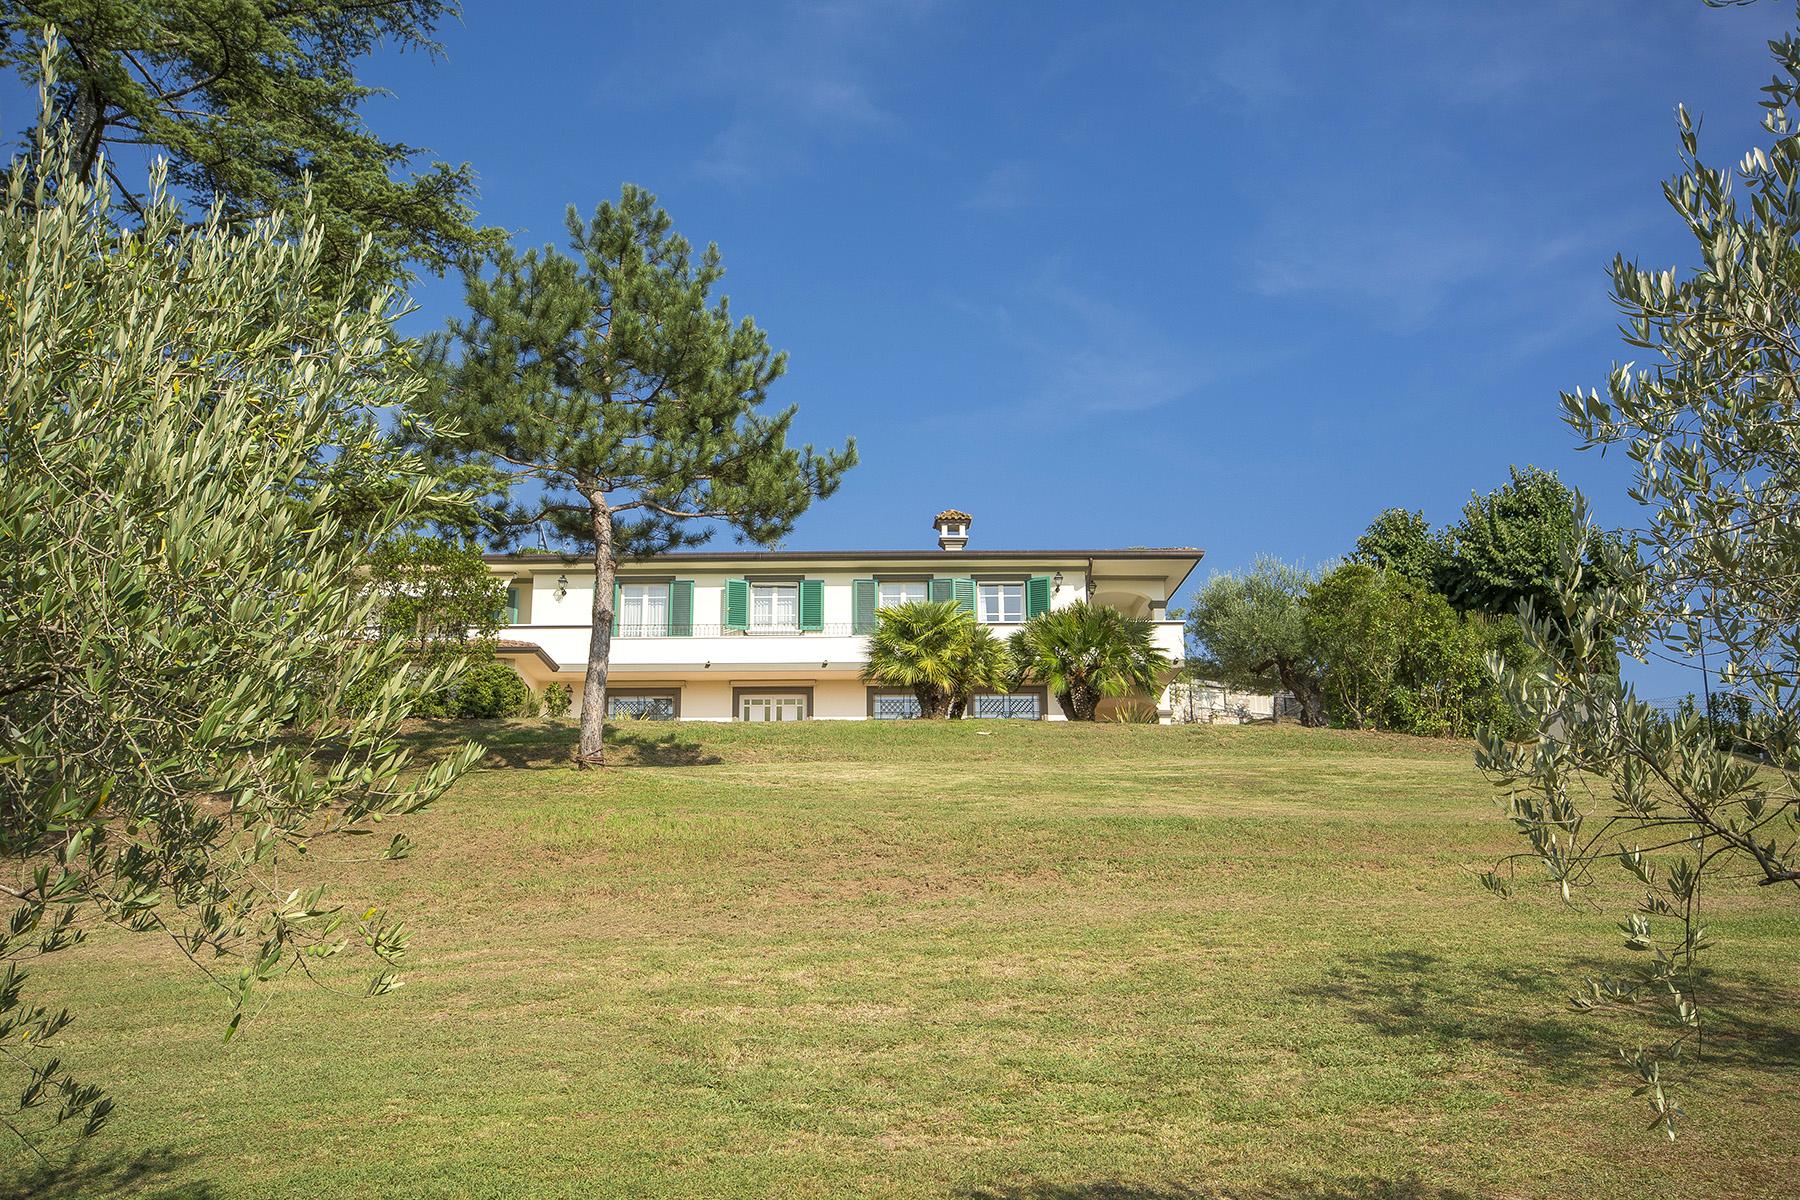 Casa indipendente in Vendita a Lucca: 5 locali, 300 mq - Foto 26